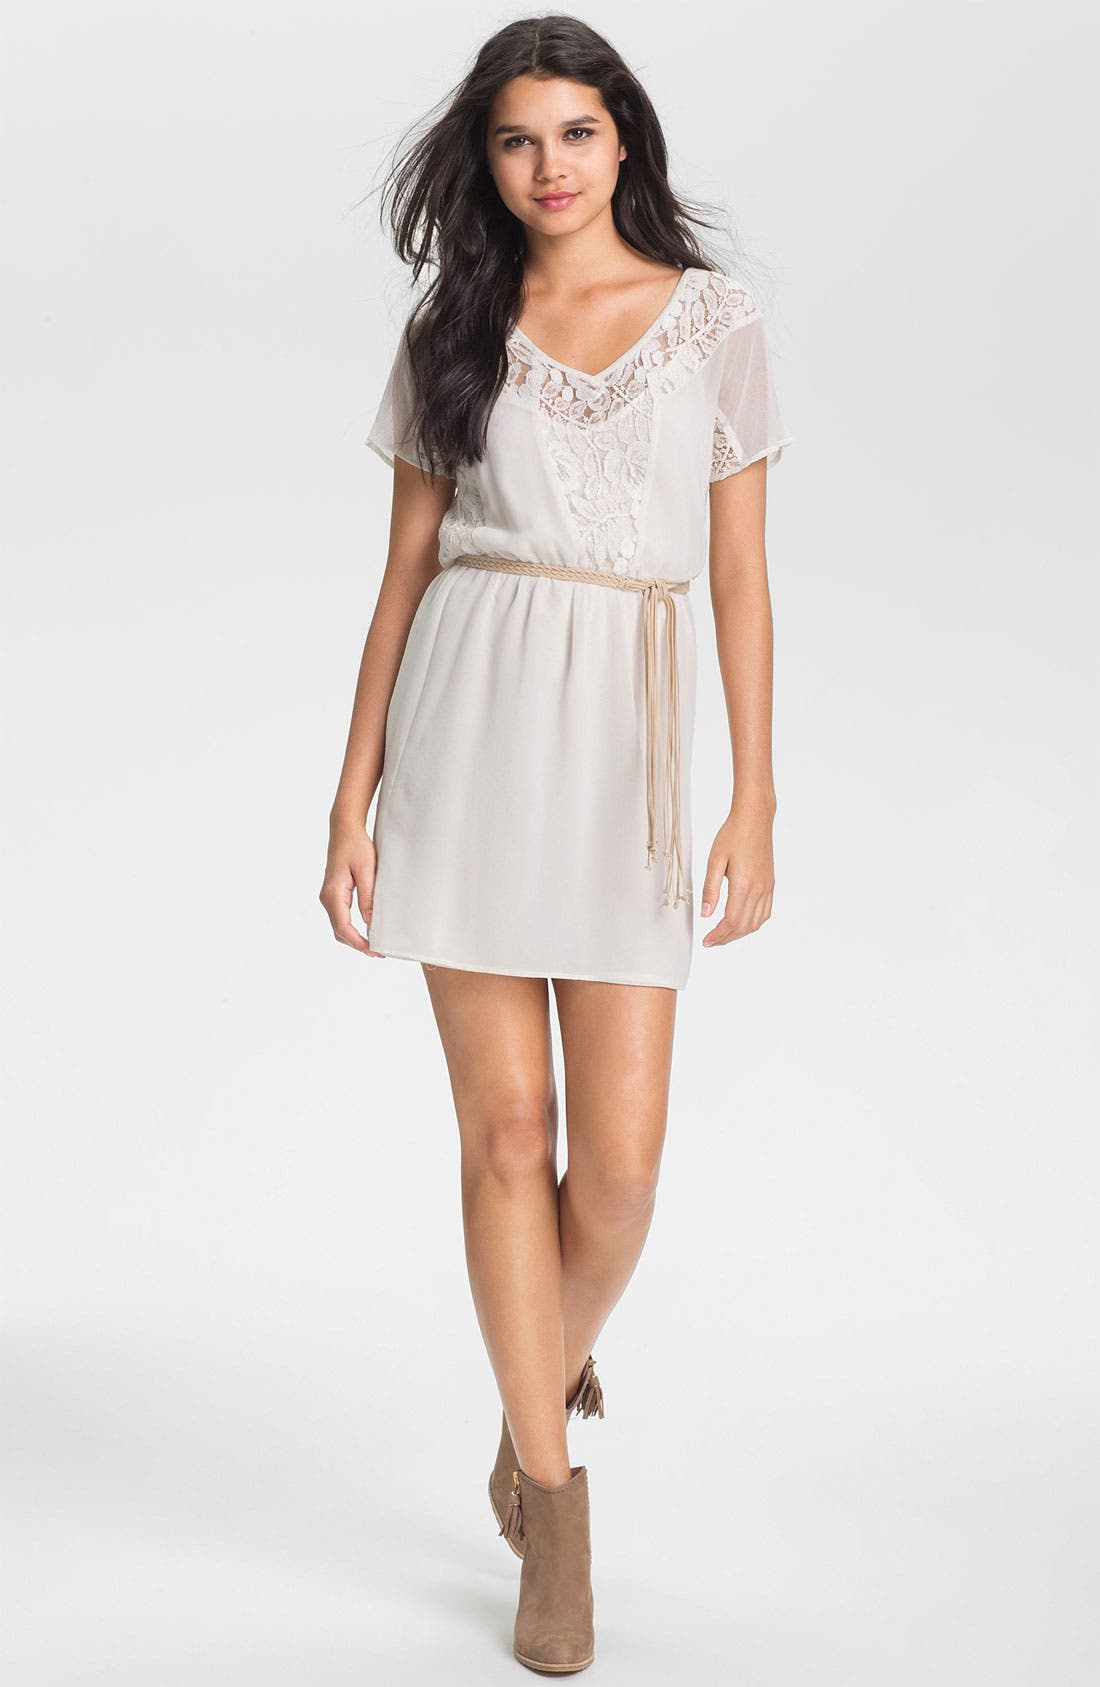 Main Image - Sanctuary Braided Belt Lace Trim Dress